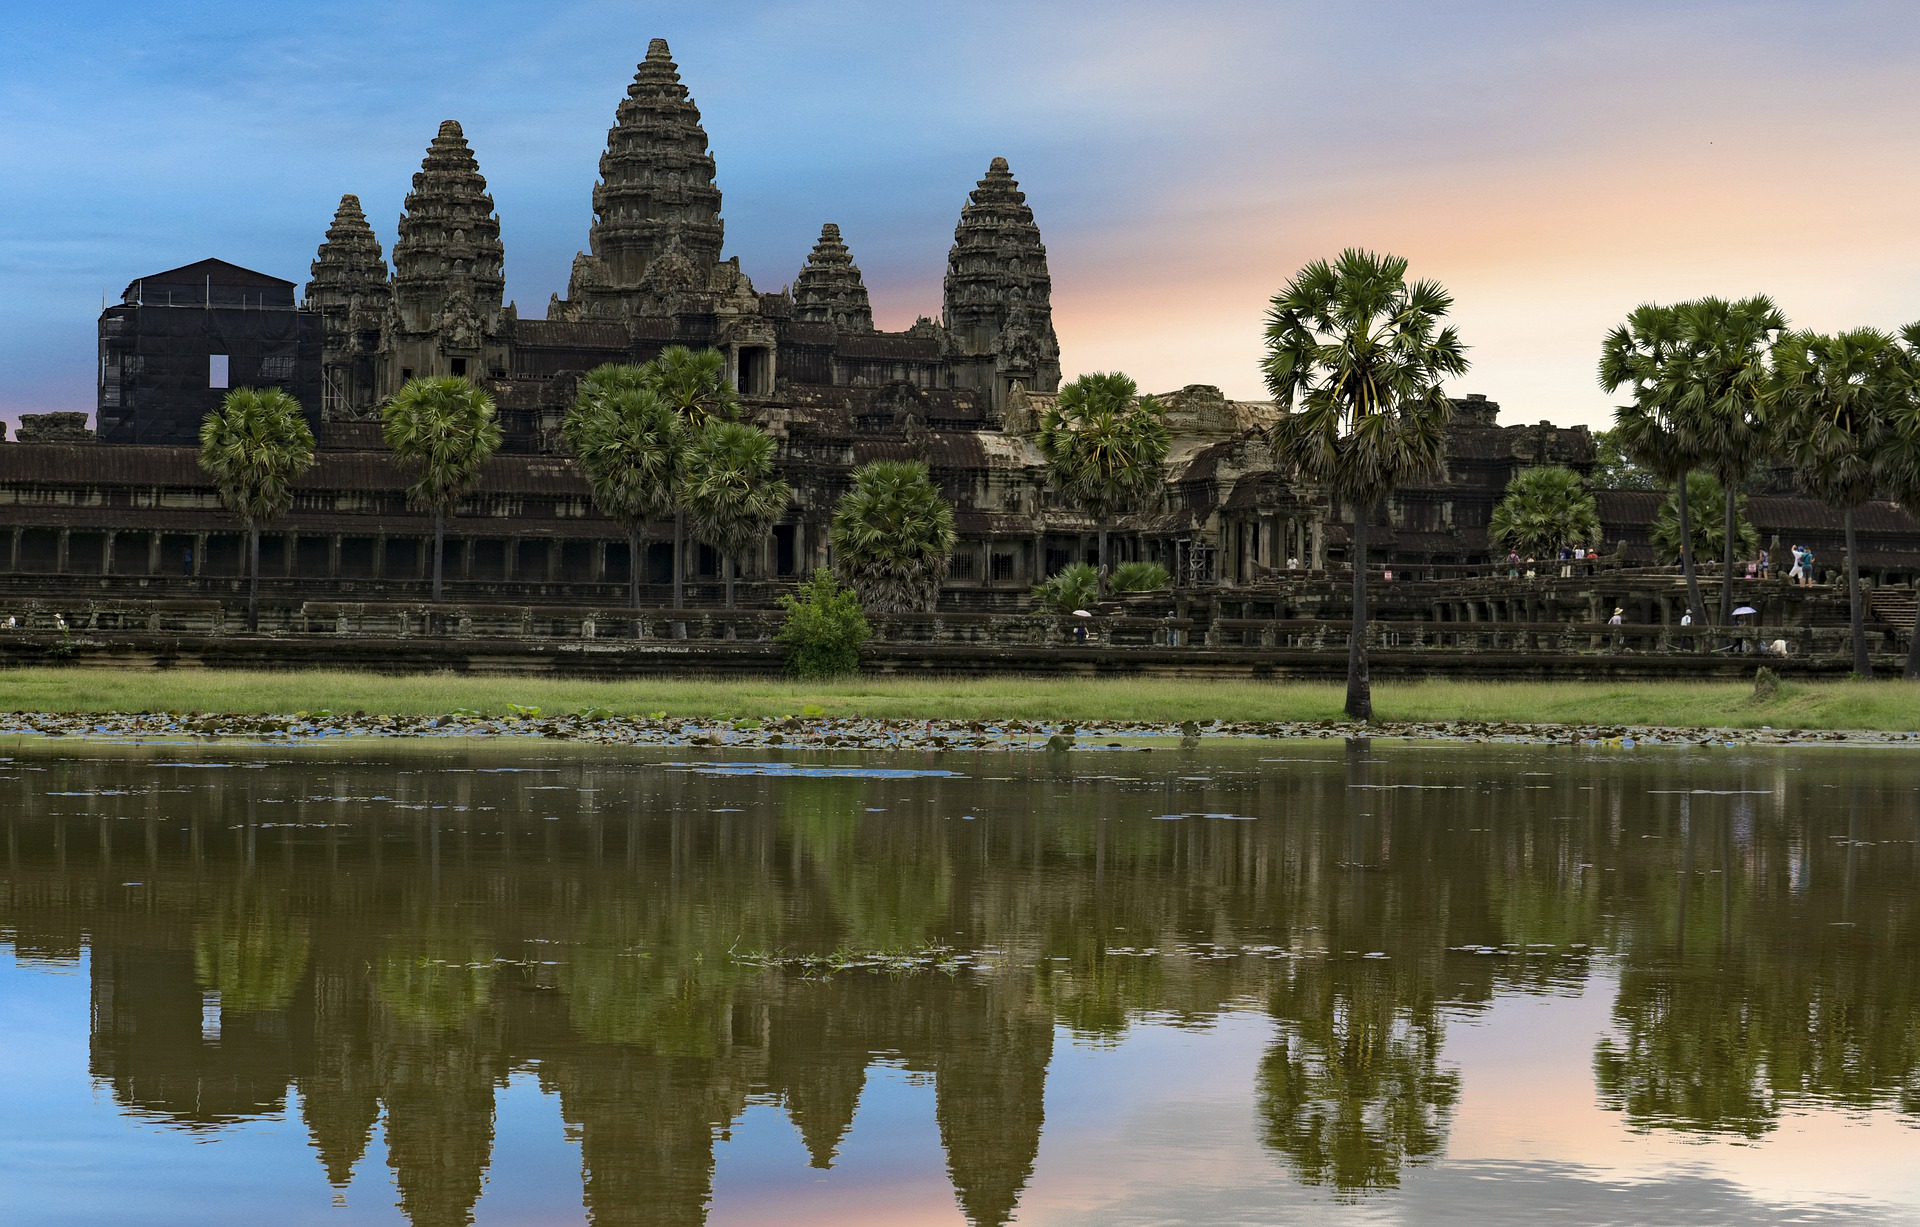 Templo de Angkor Wat, situado 5,5 km a norte da cidade de Siem Reap no Camboja